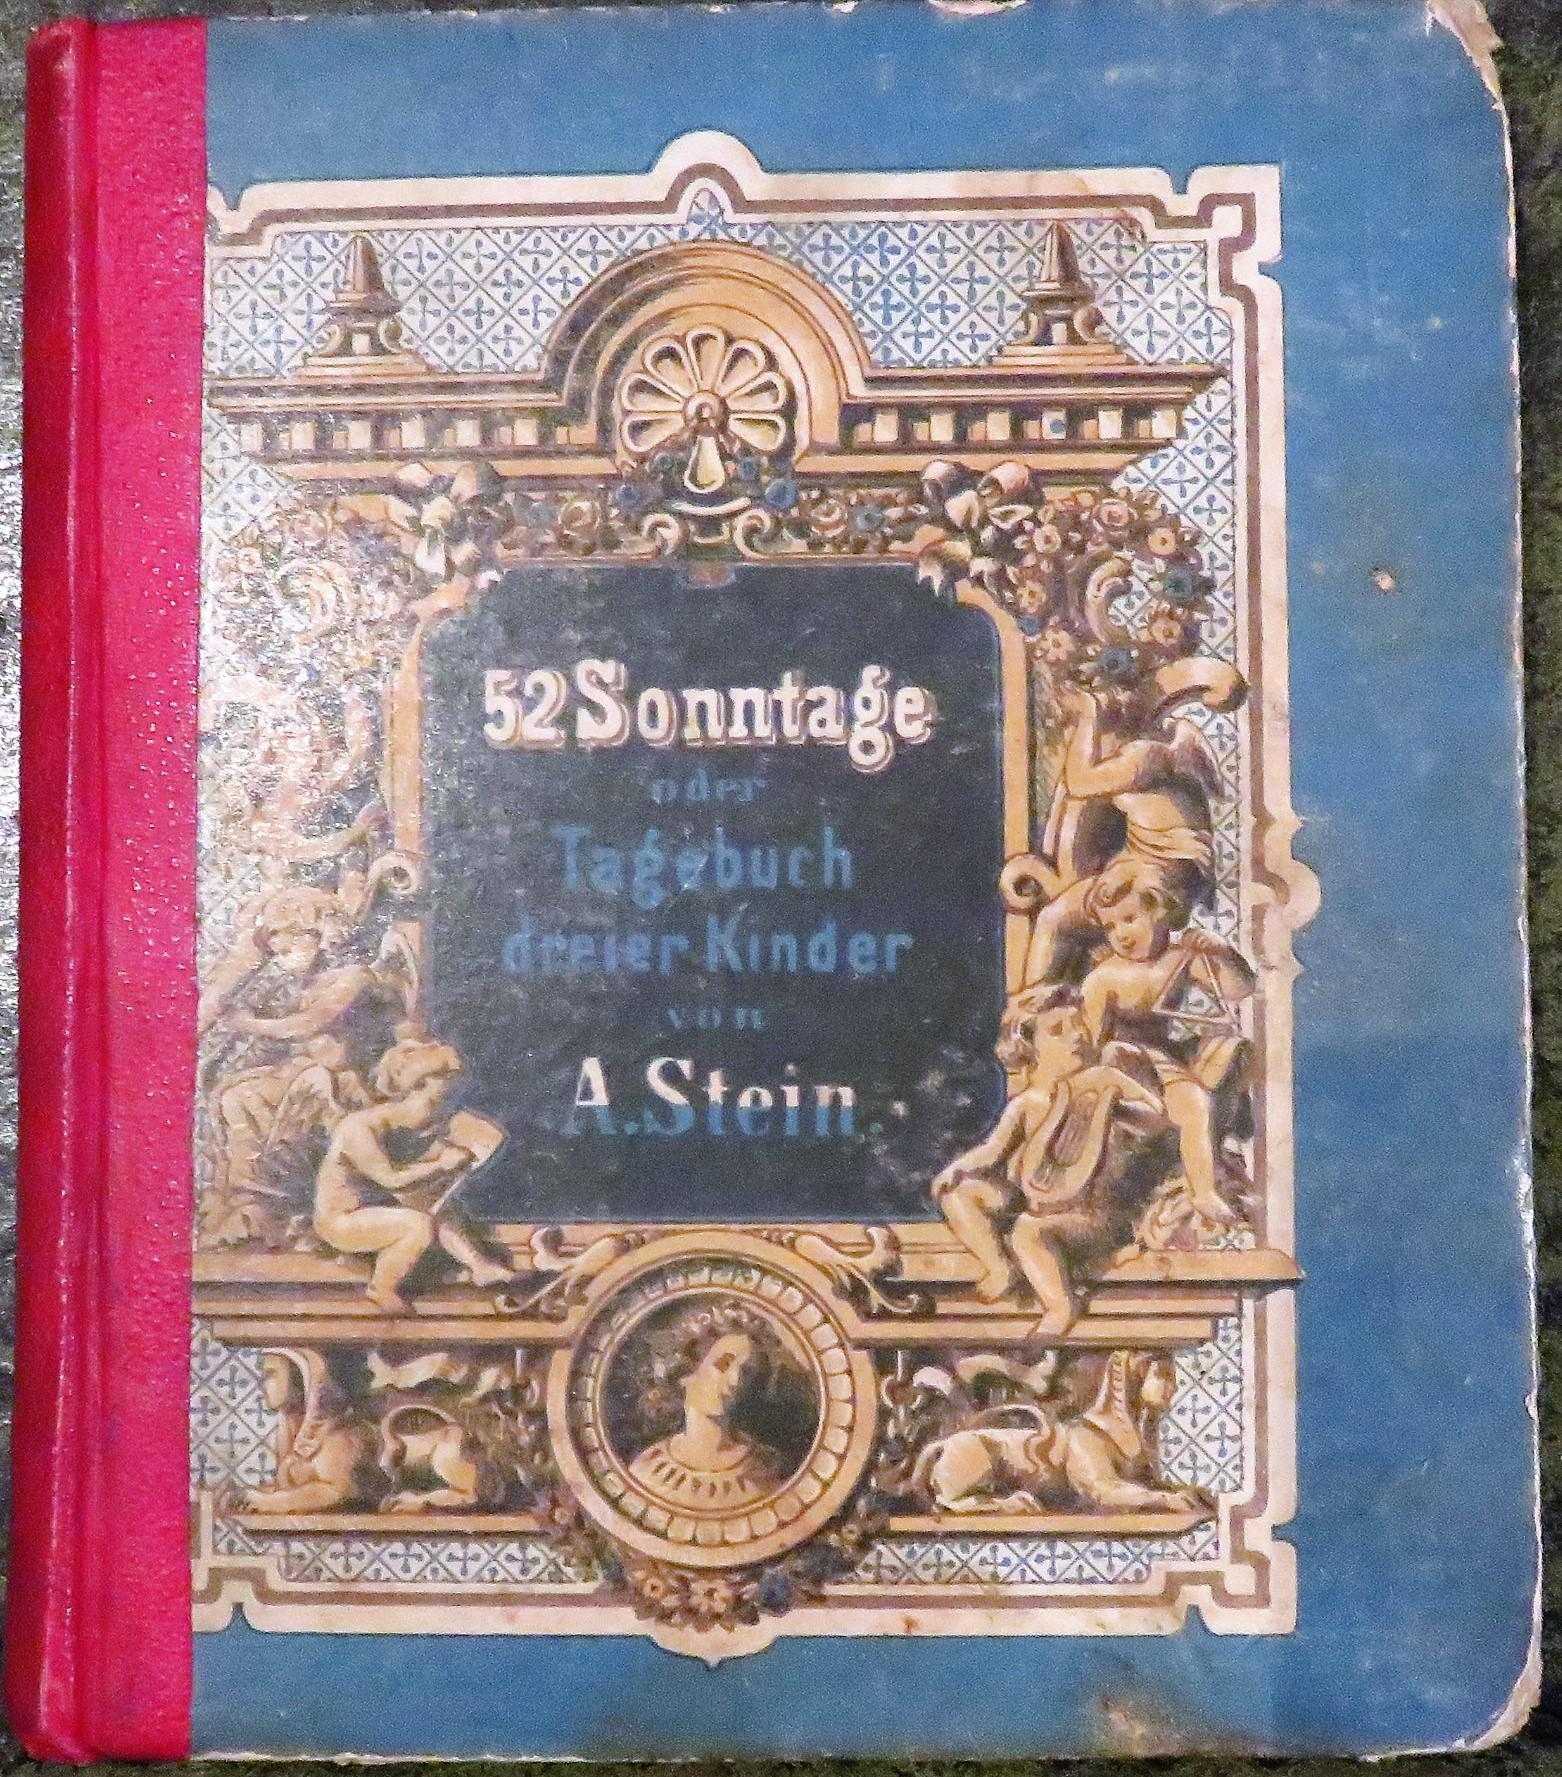 52 Sonntage Oder Ingebuch dreier Kinder